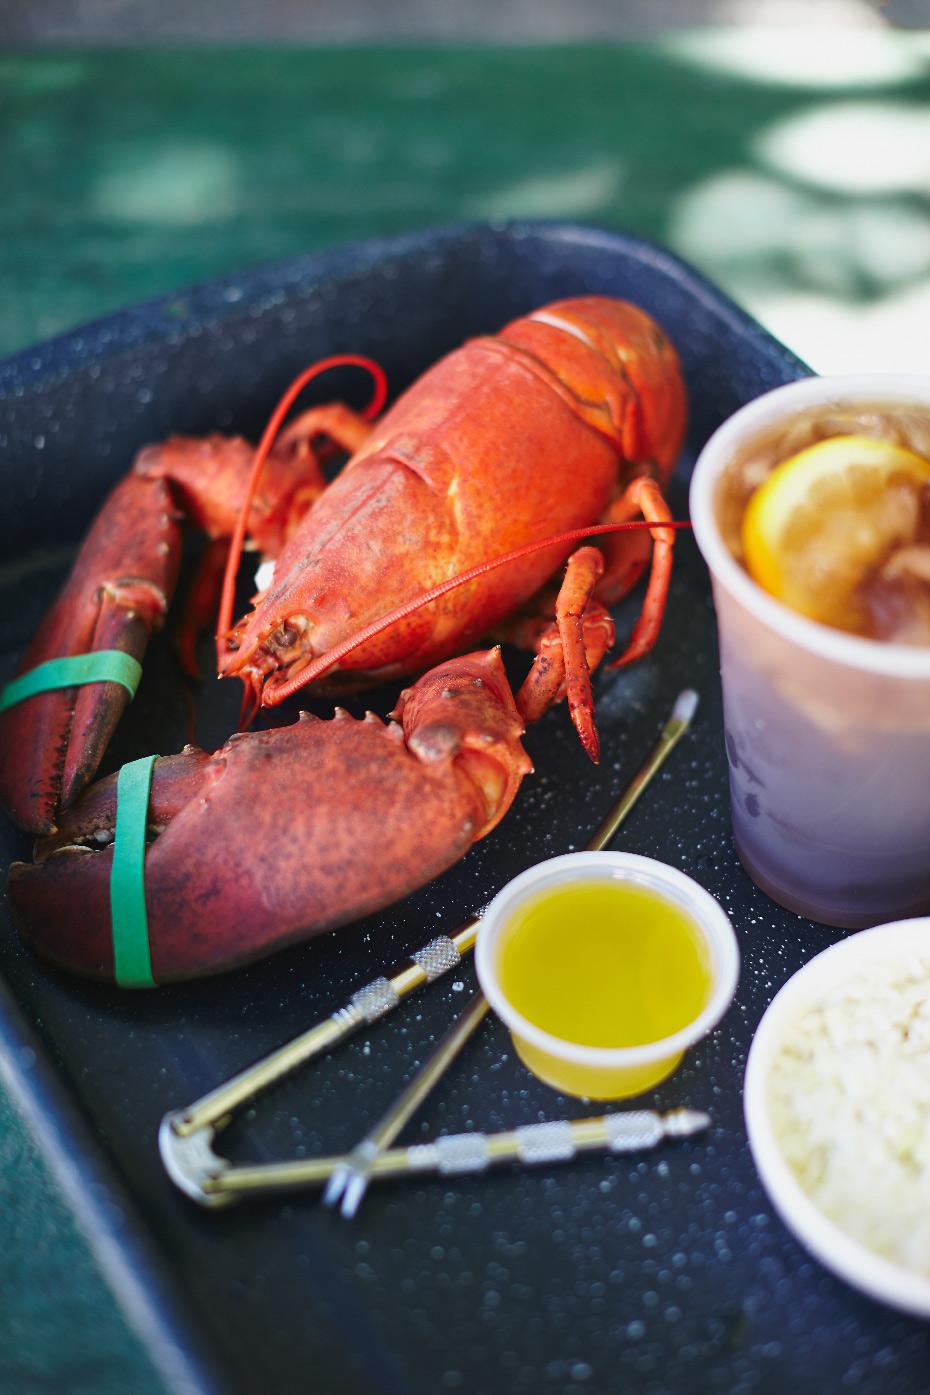 Stacey Van Berkel Photography I Rustic lobster al fresco with butter, coleslaw & ice tea I Maine